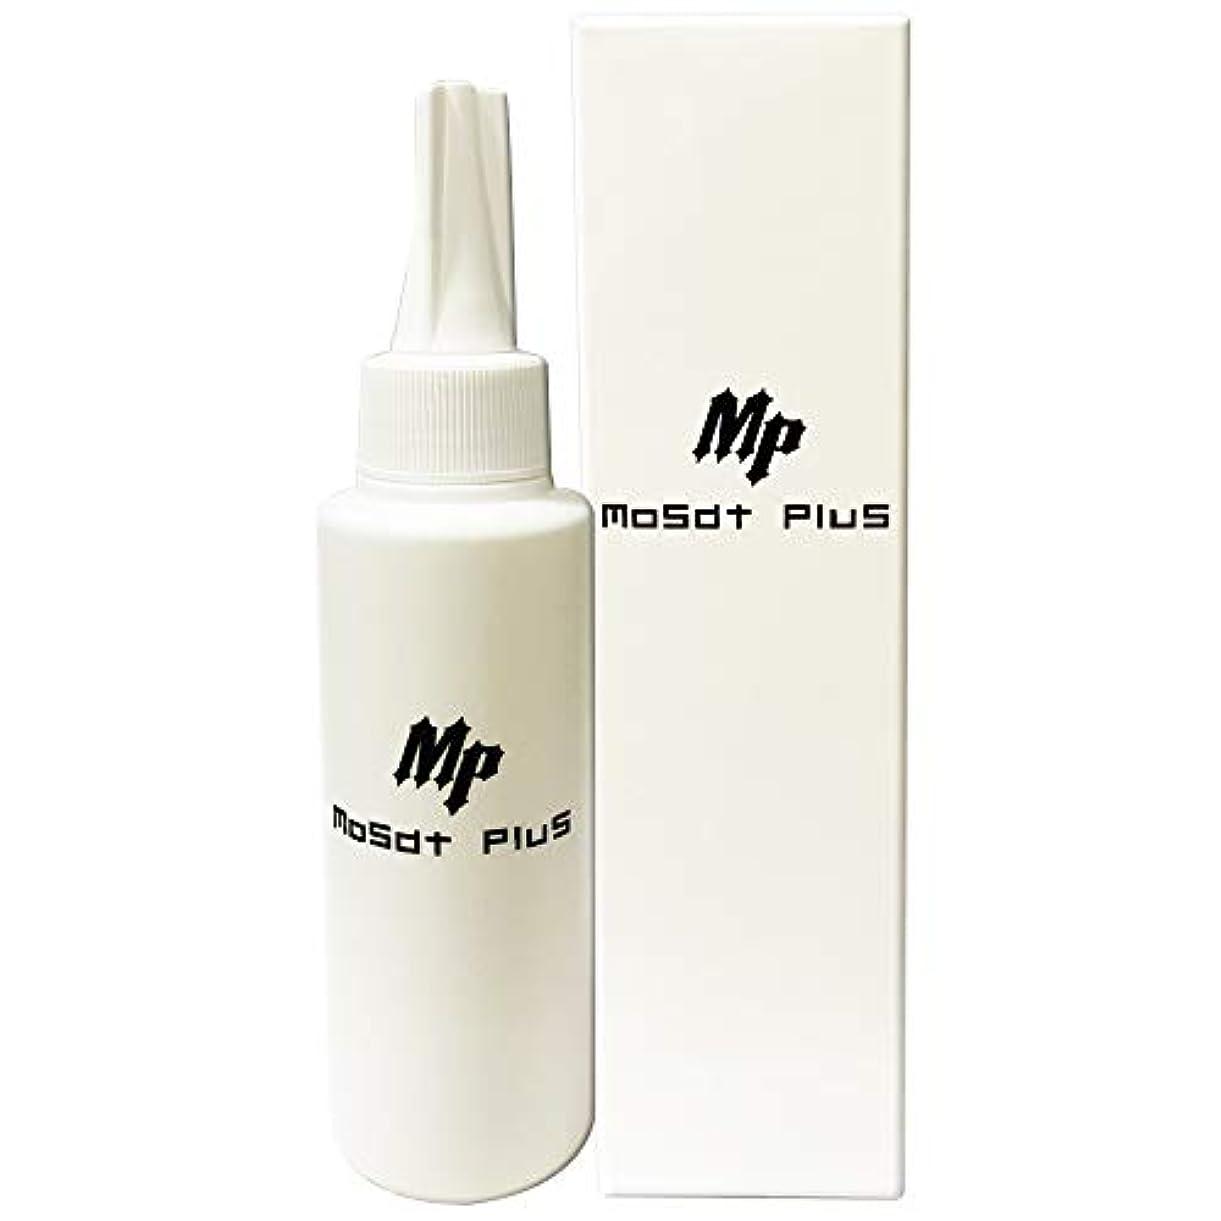 暫定配置確認してください【医薬部外品】Mosat Plus モサットプラス 育毛剤 ジェルタイプ 薬用 100mL